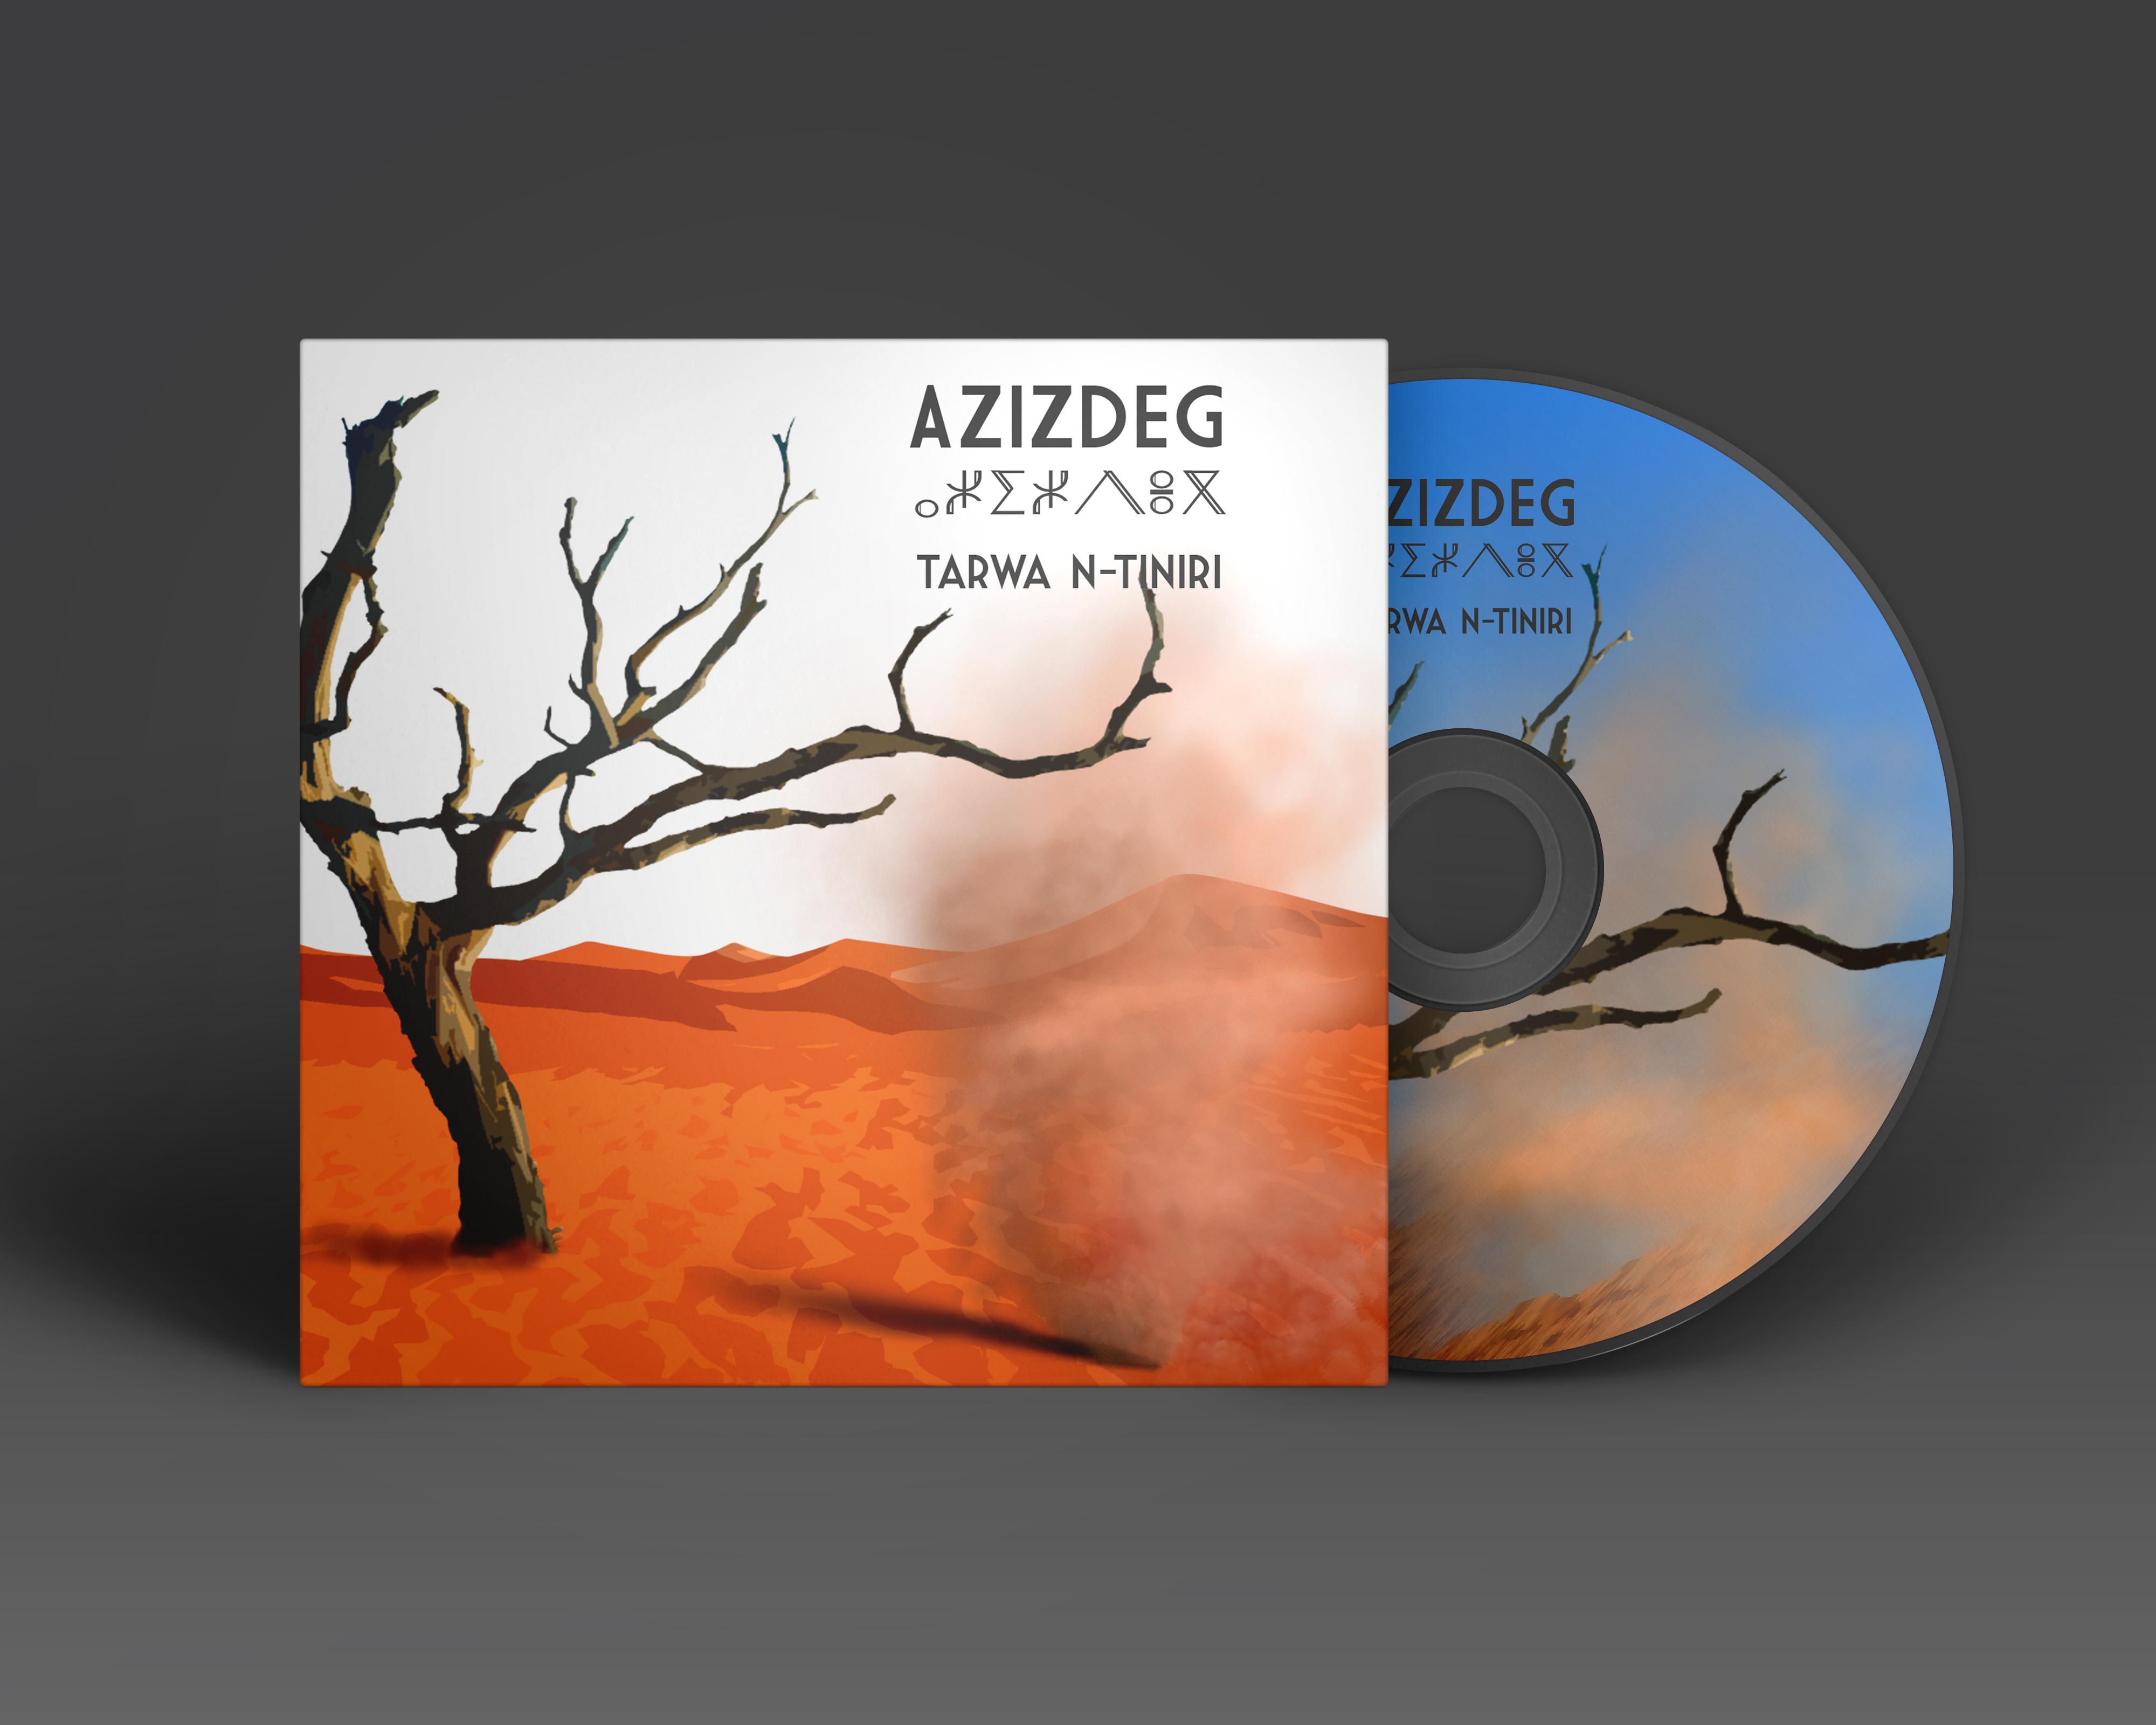 The debut album Azizdeg released